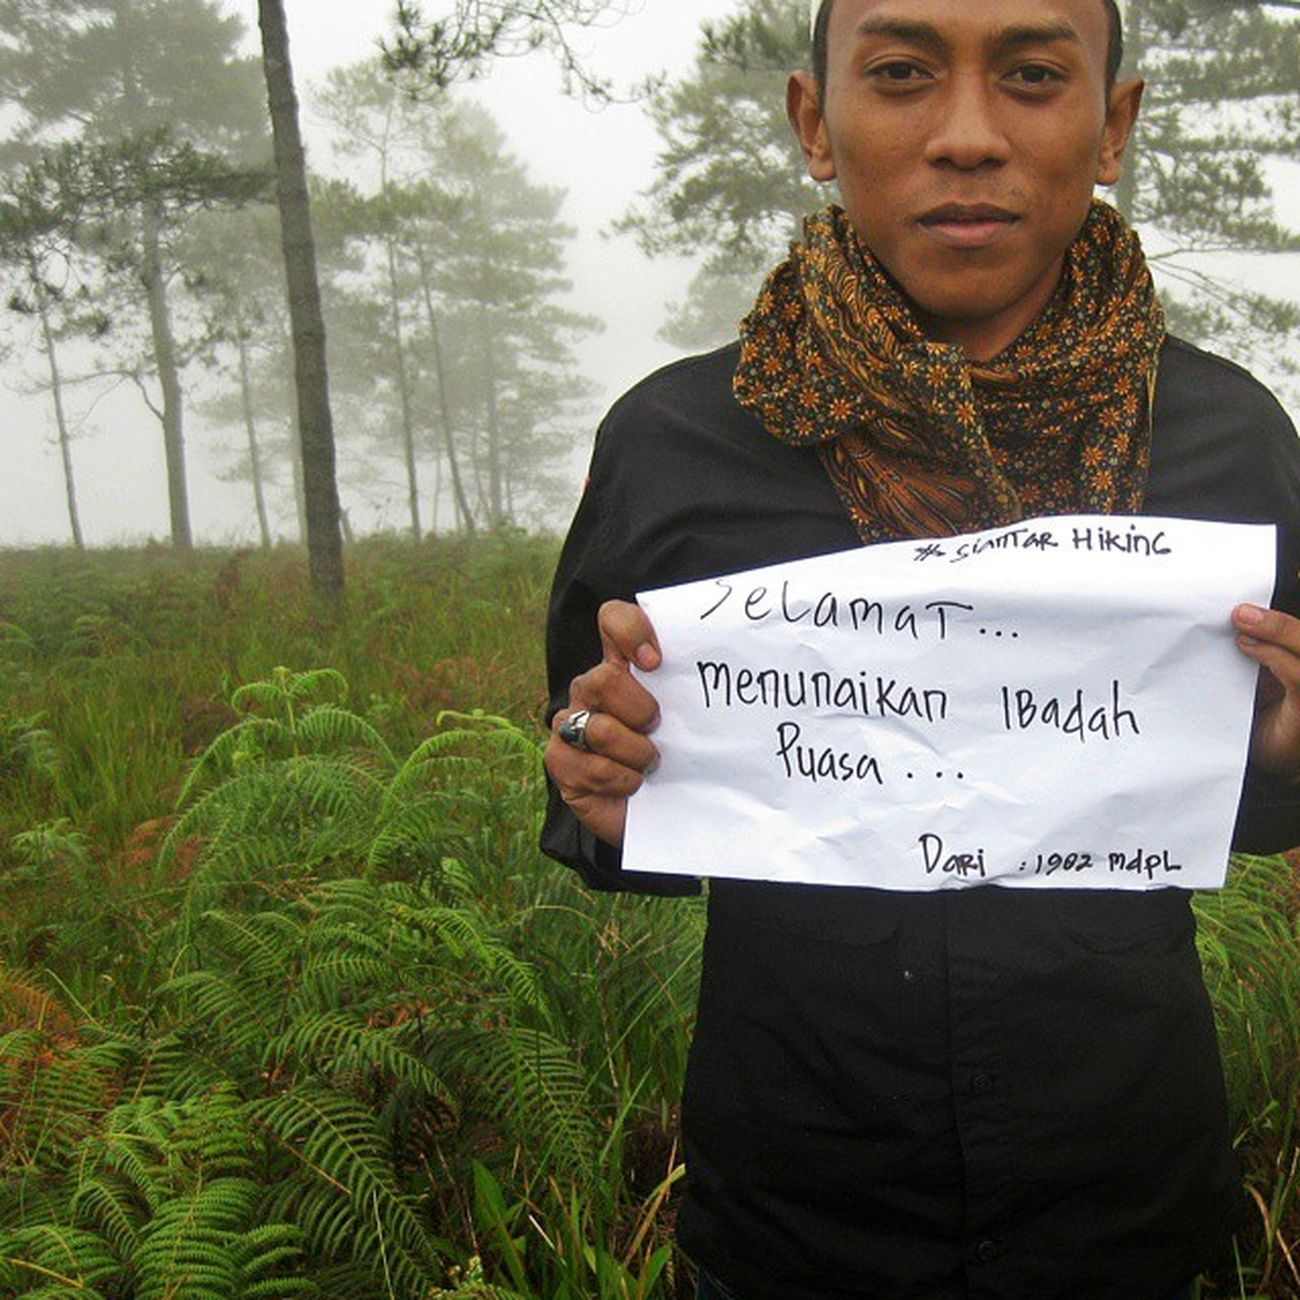 selamat menunaikan ibadah puasa di tahun ini Pusukbuhit SiantarHiking Samosir INDONESIA Ramadhan Puasa Muslim Adventure Pendaki Pencintaalamindonesia Bagpacker Loveindonesia Hiking Nature Sumutexplorer